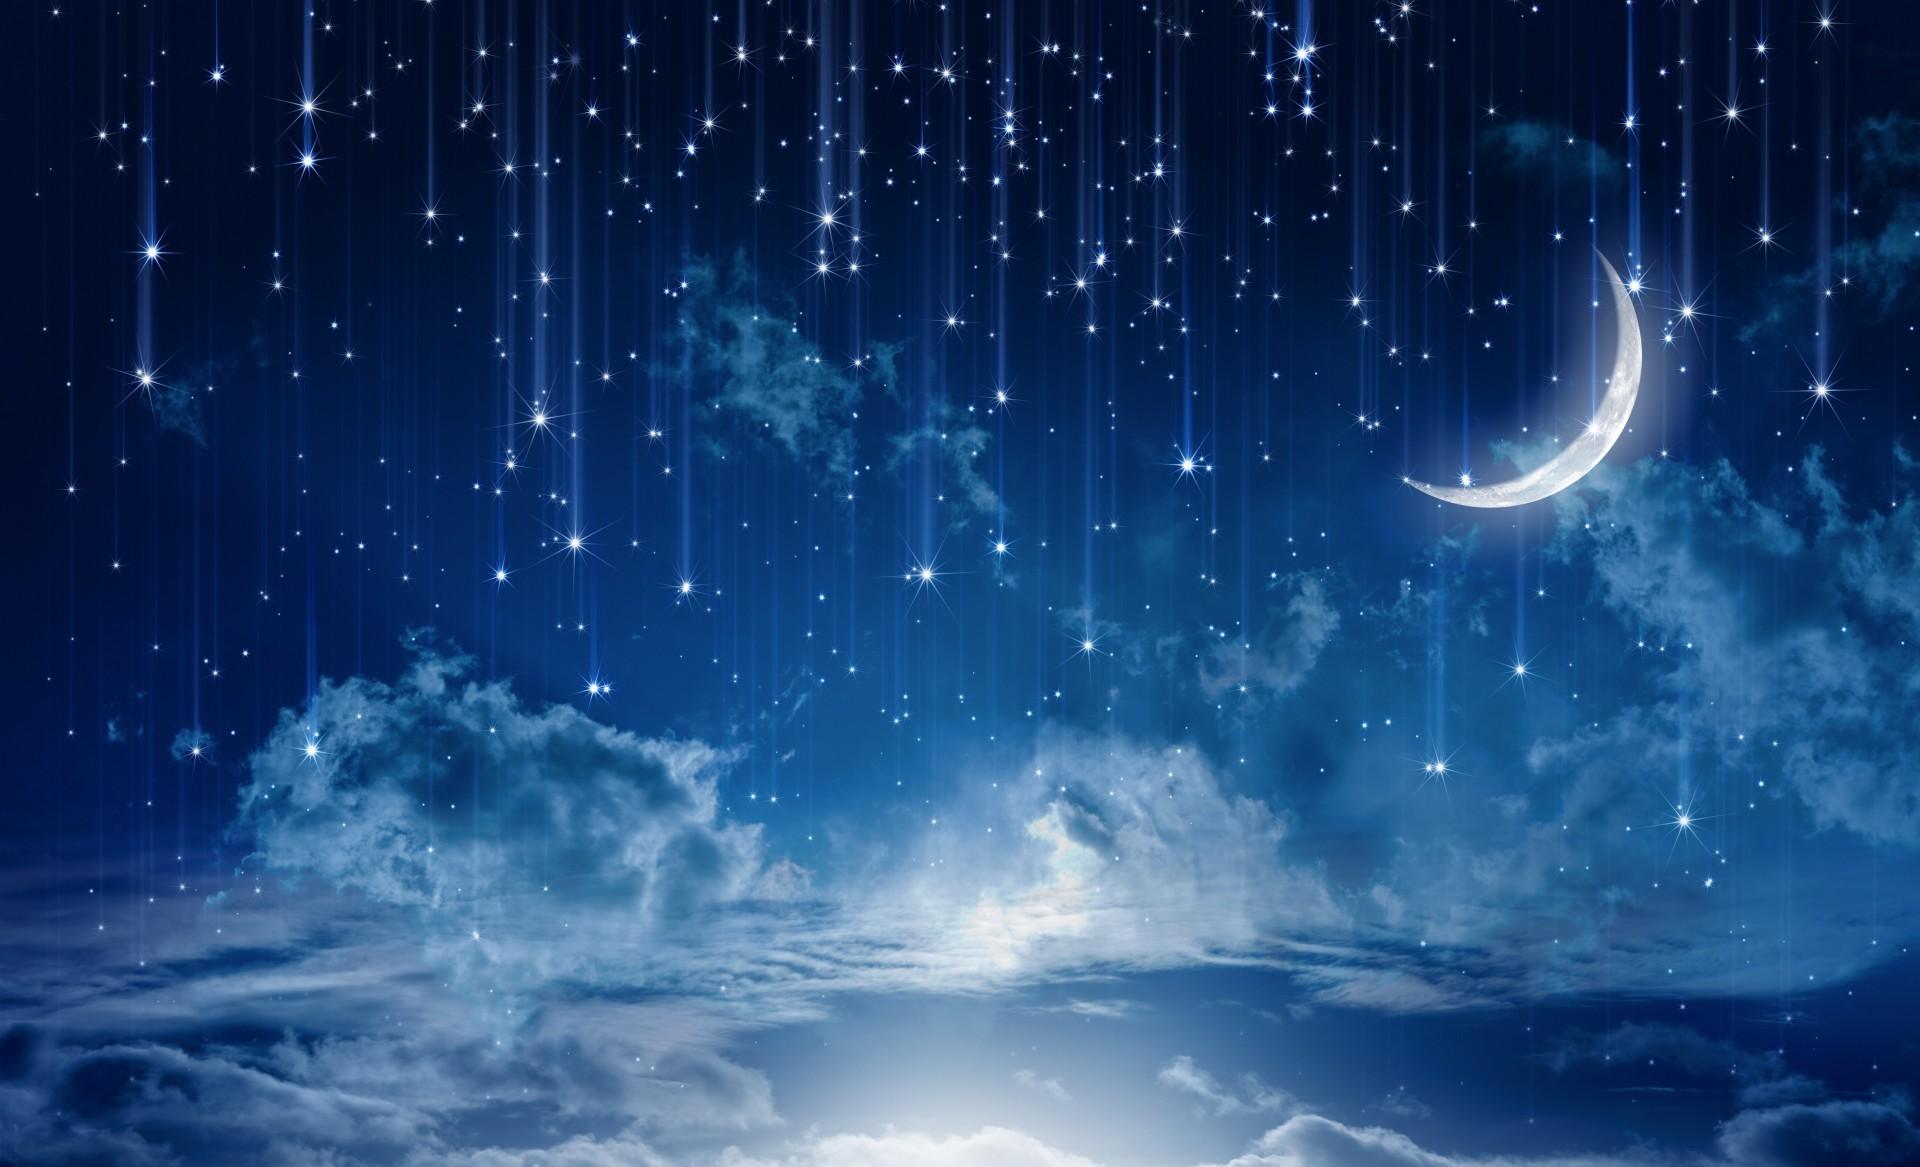 Обои Пейзаж, ночь, свет. Пейзажи foto 17